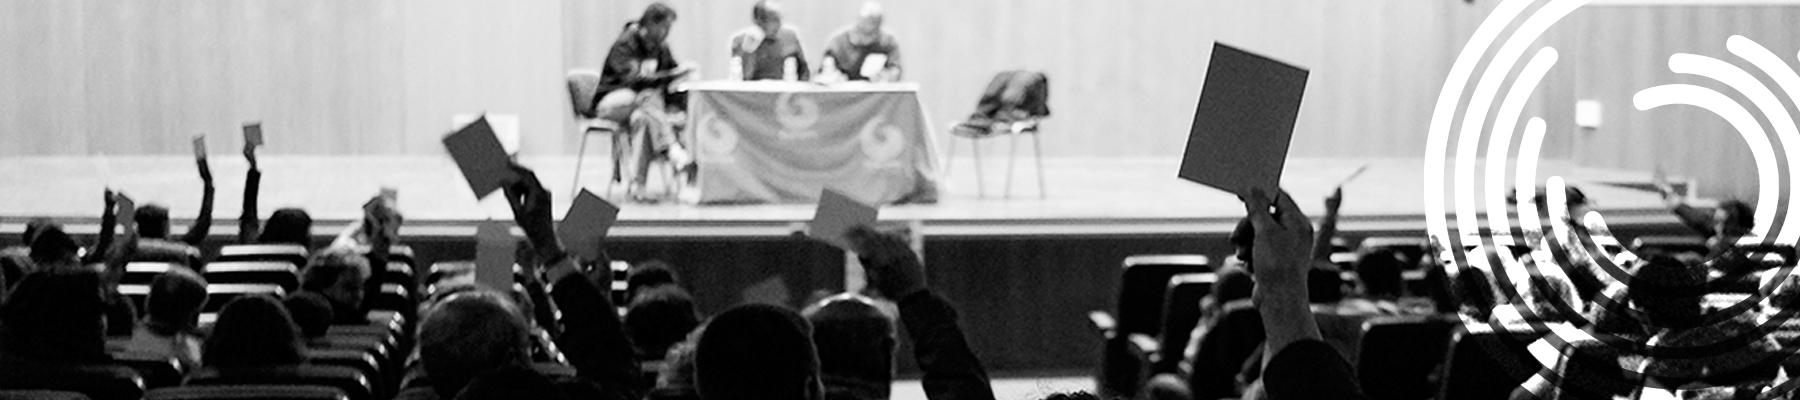 Comunicat Comissió Negociadora: Les Primàries Obertes, Irrenunciables Per A La Formació Assambleària